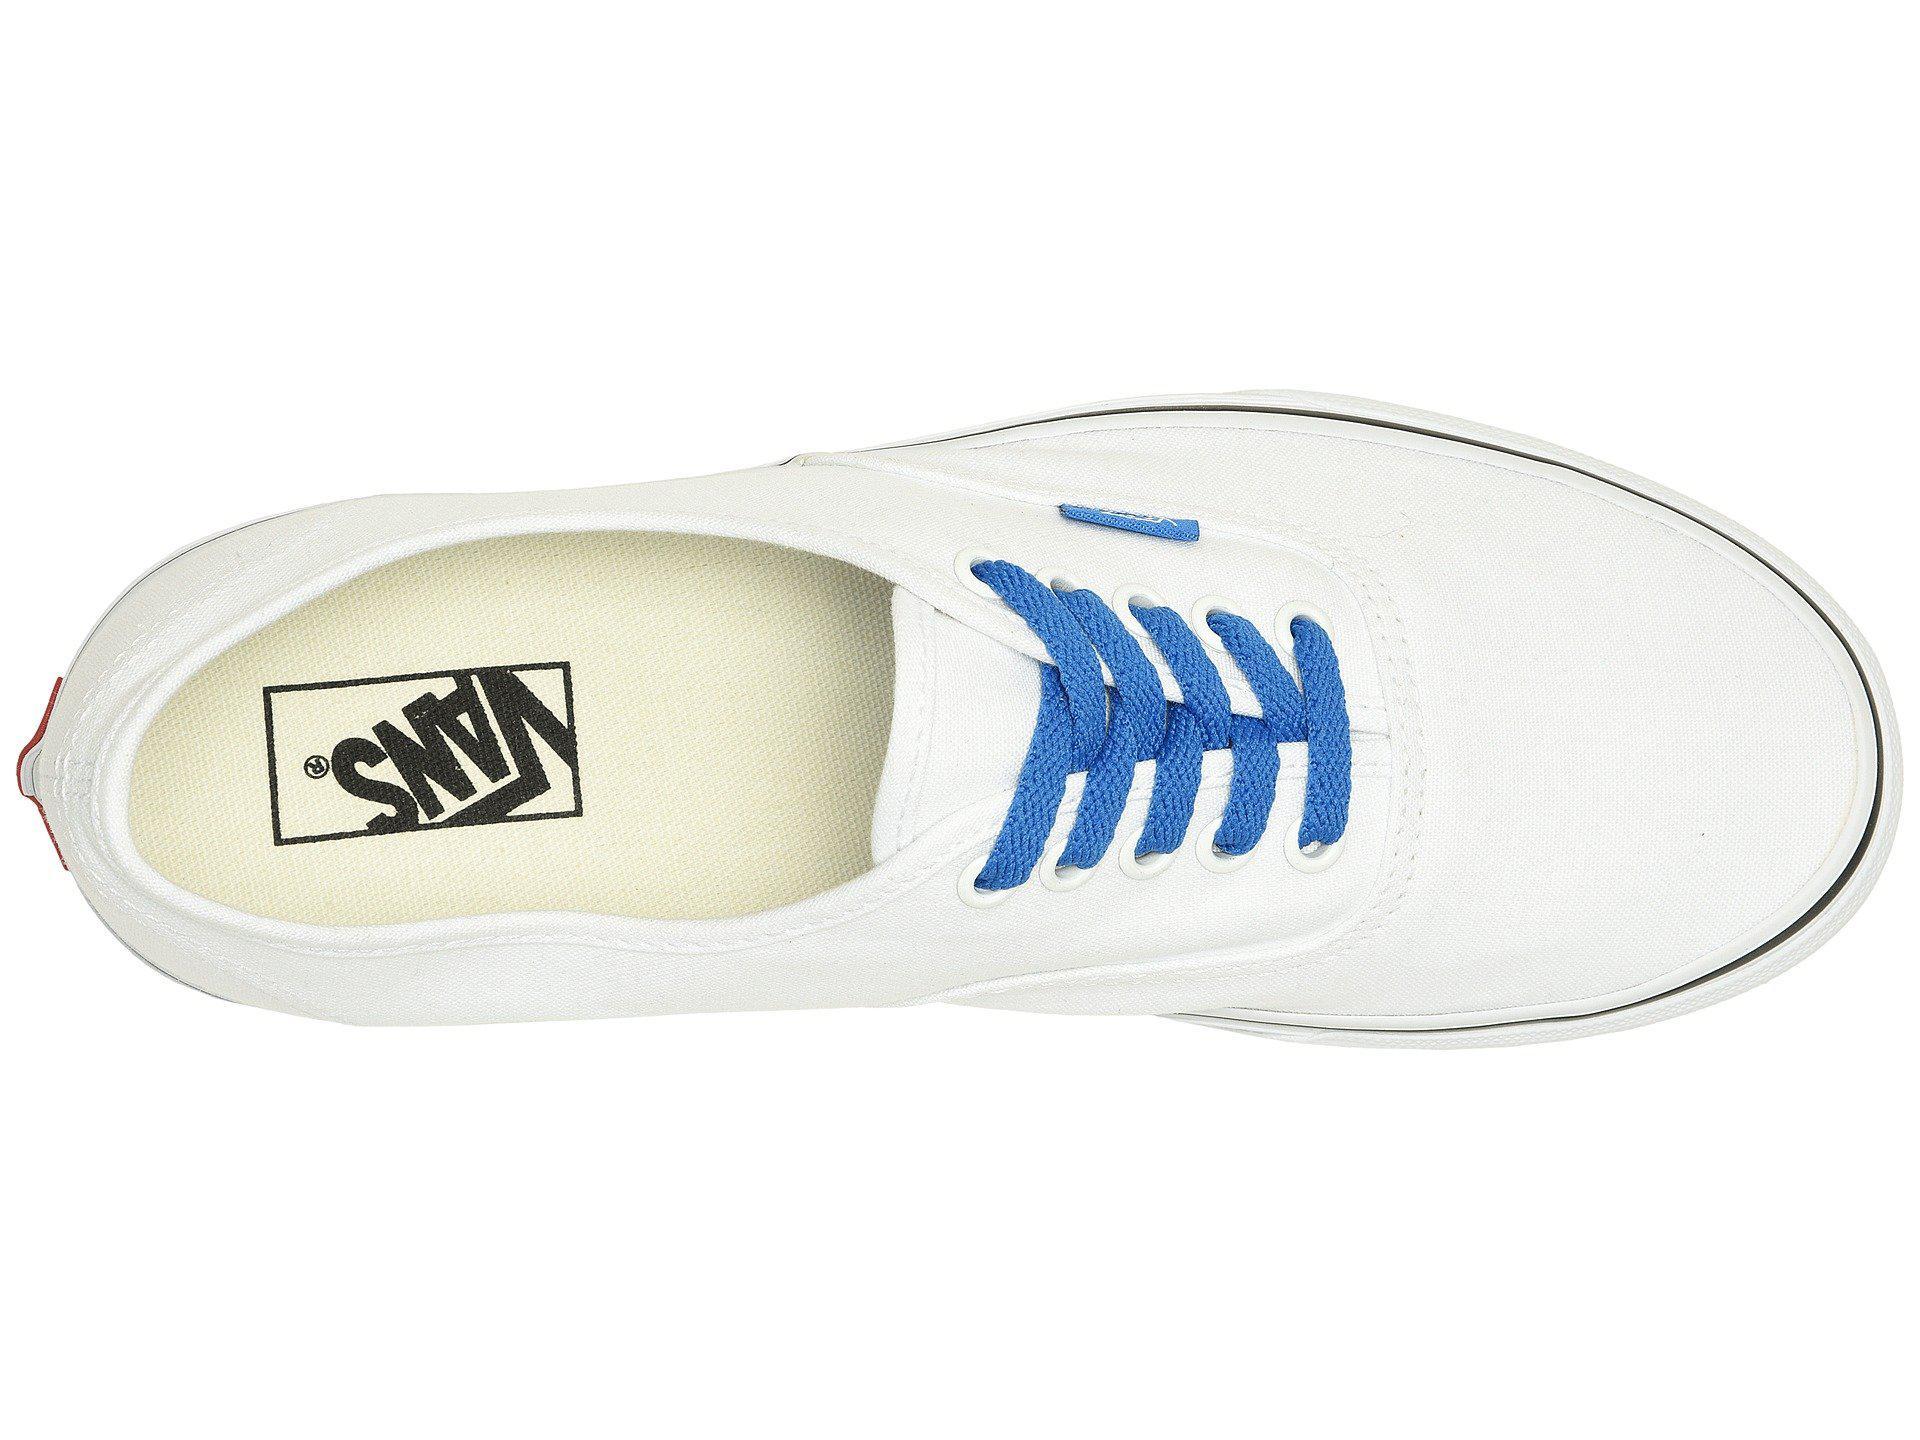 Alloyblack Outsole Vans gum Men Lyst Shoes Skate For Authentictm d1CICwq